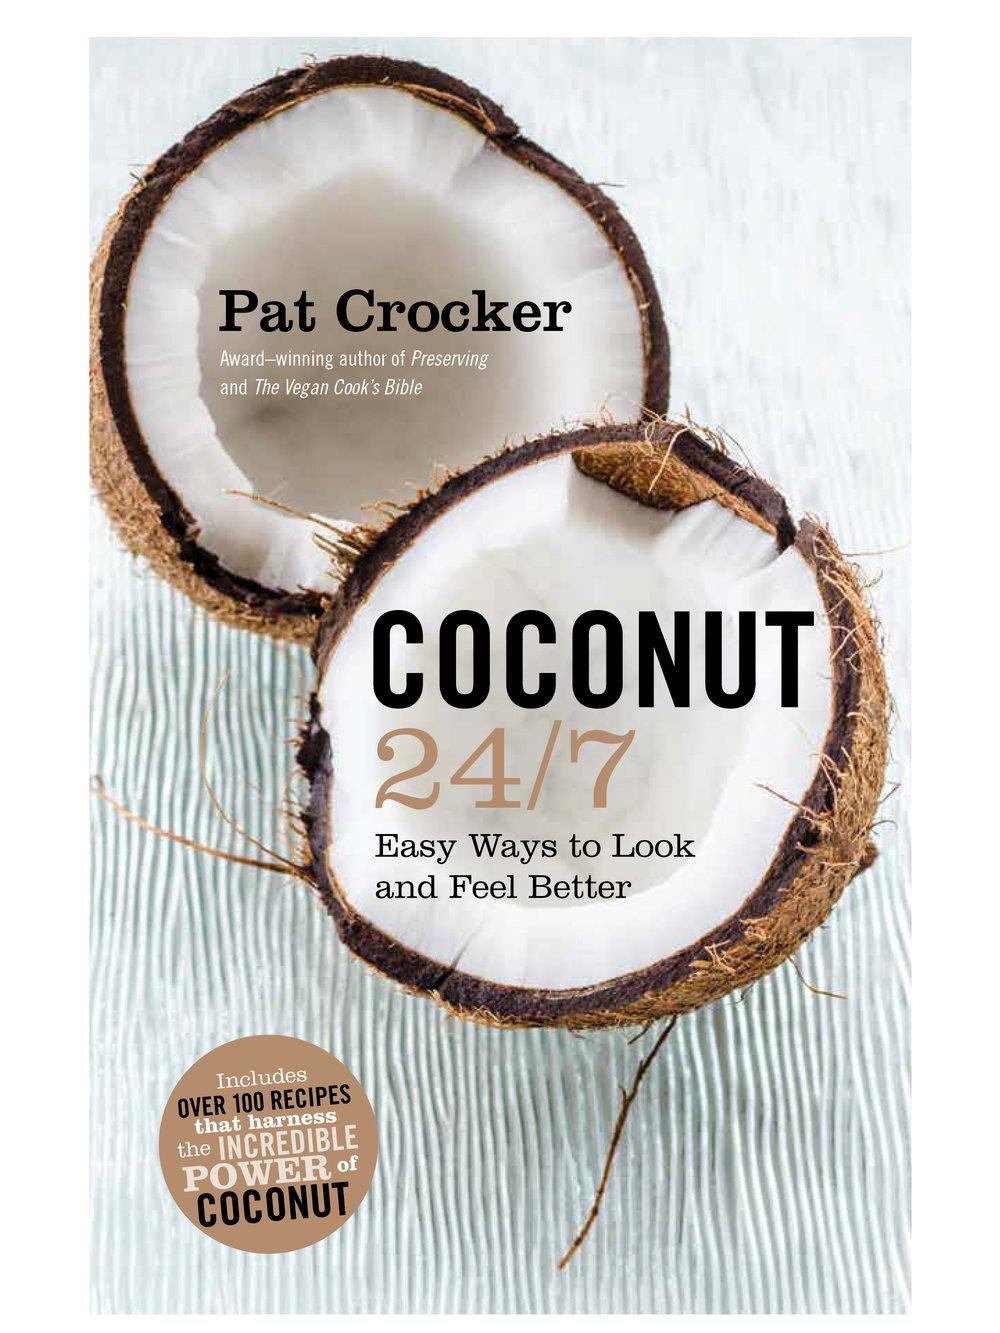 Coconut 24/7 by Pat Crocker